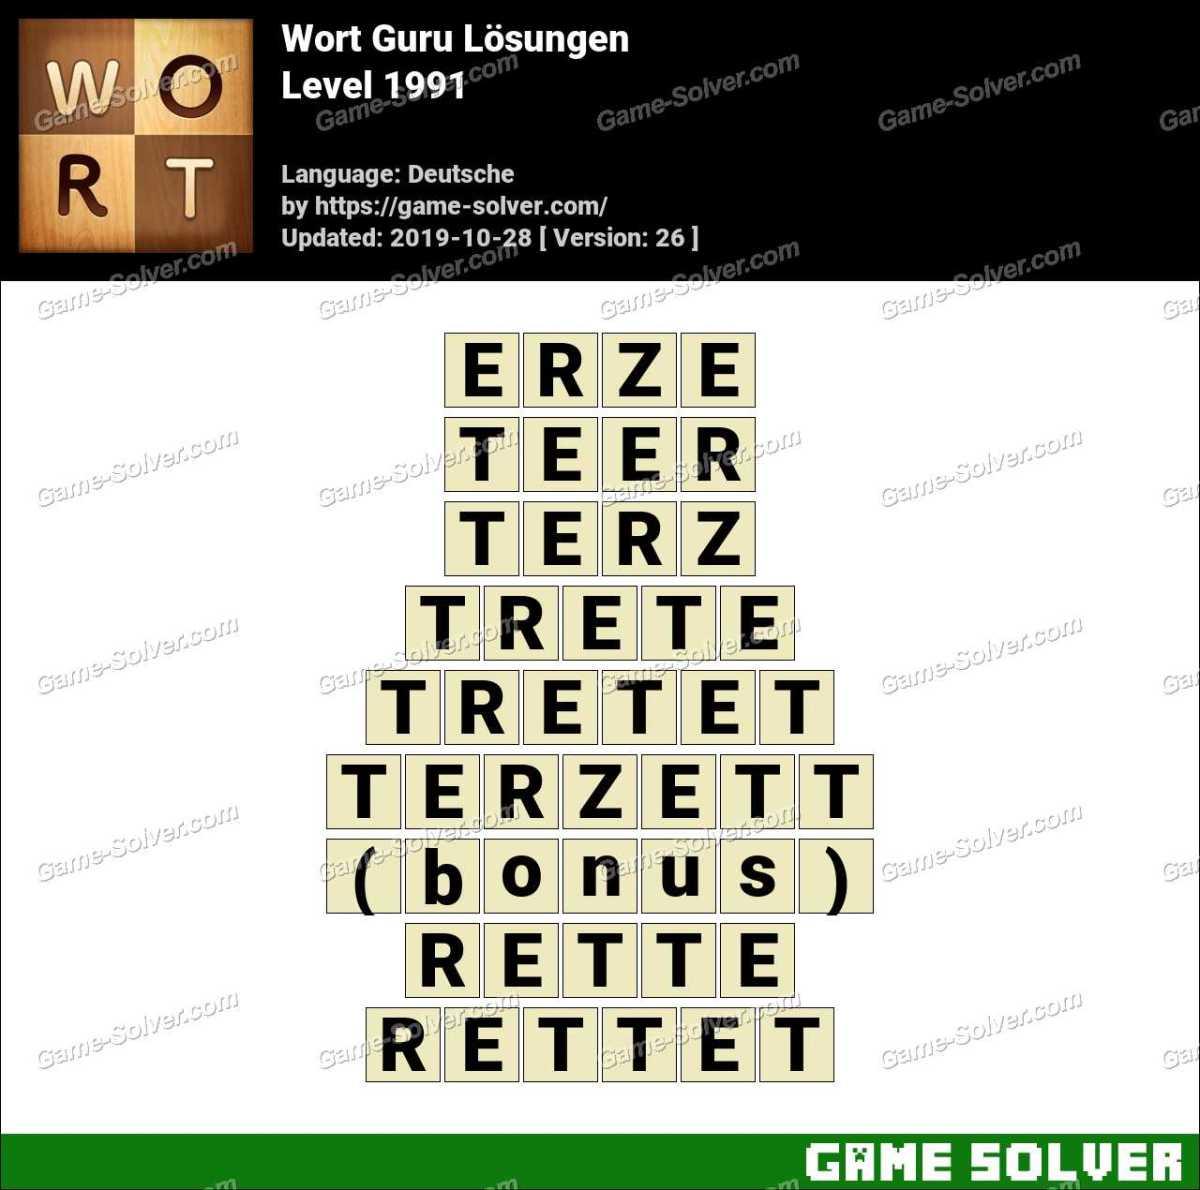 Wort Guru Level 1991 Lösungen